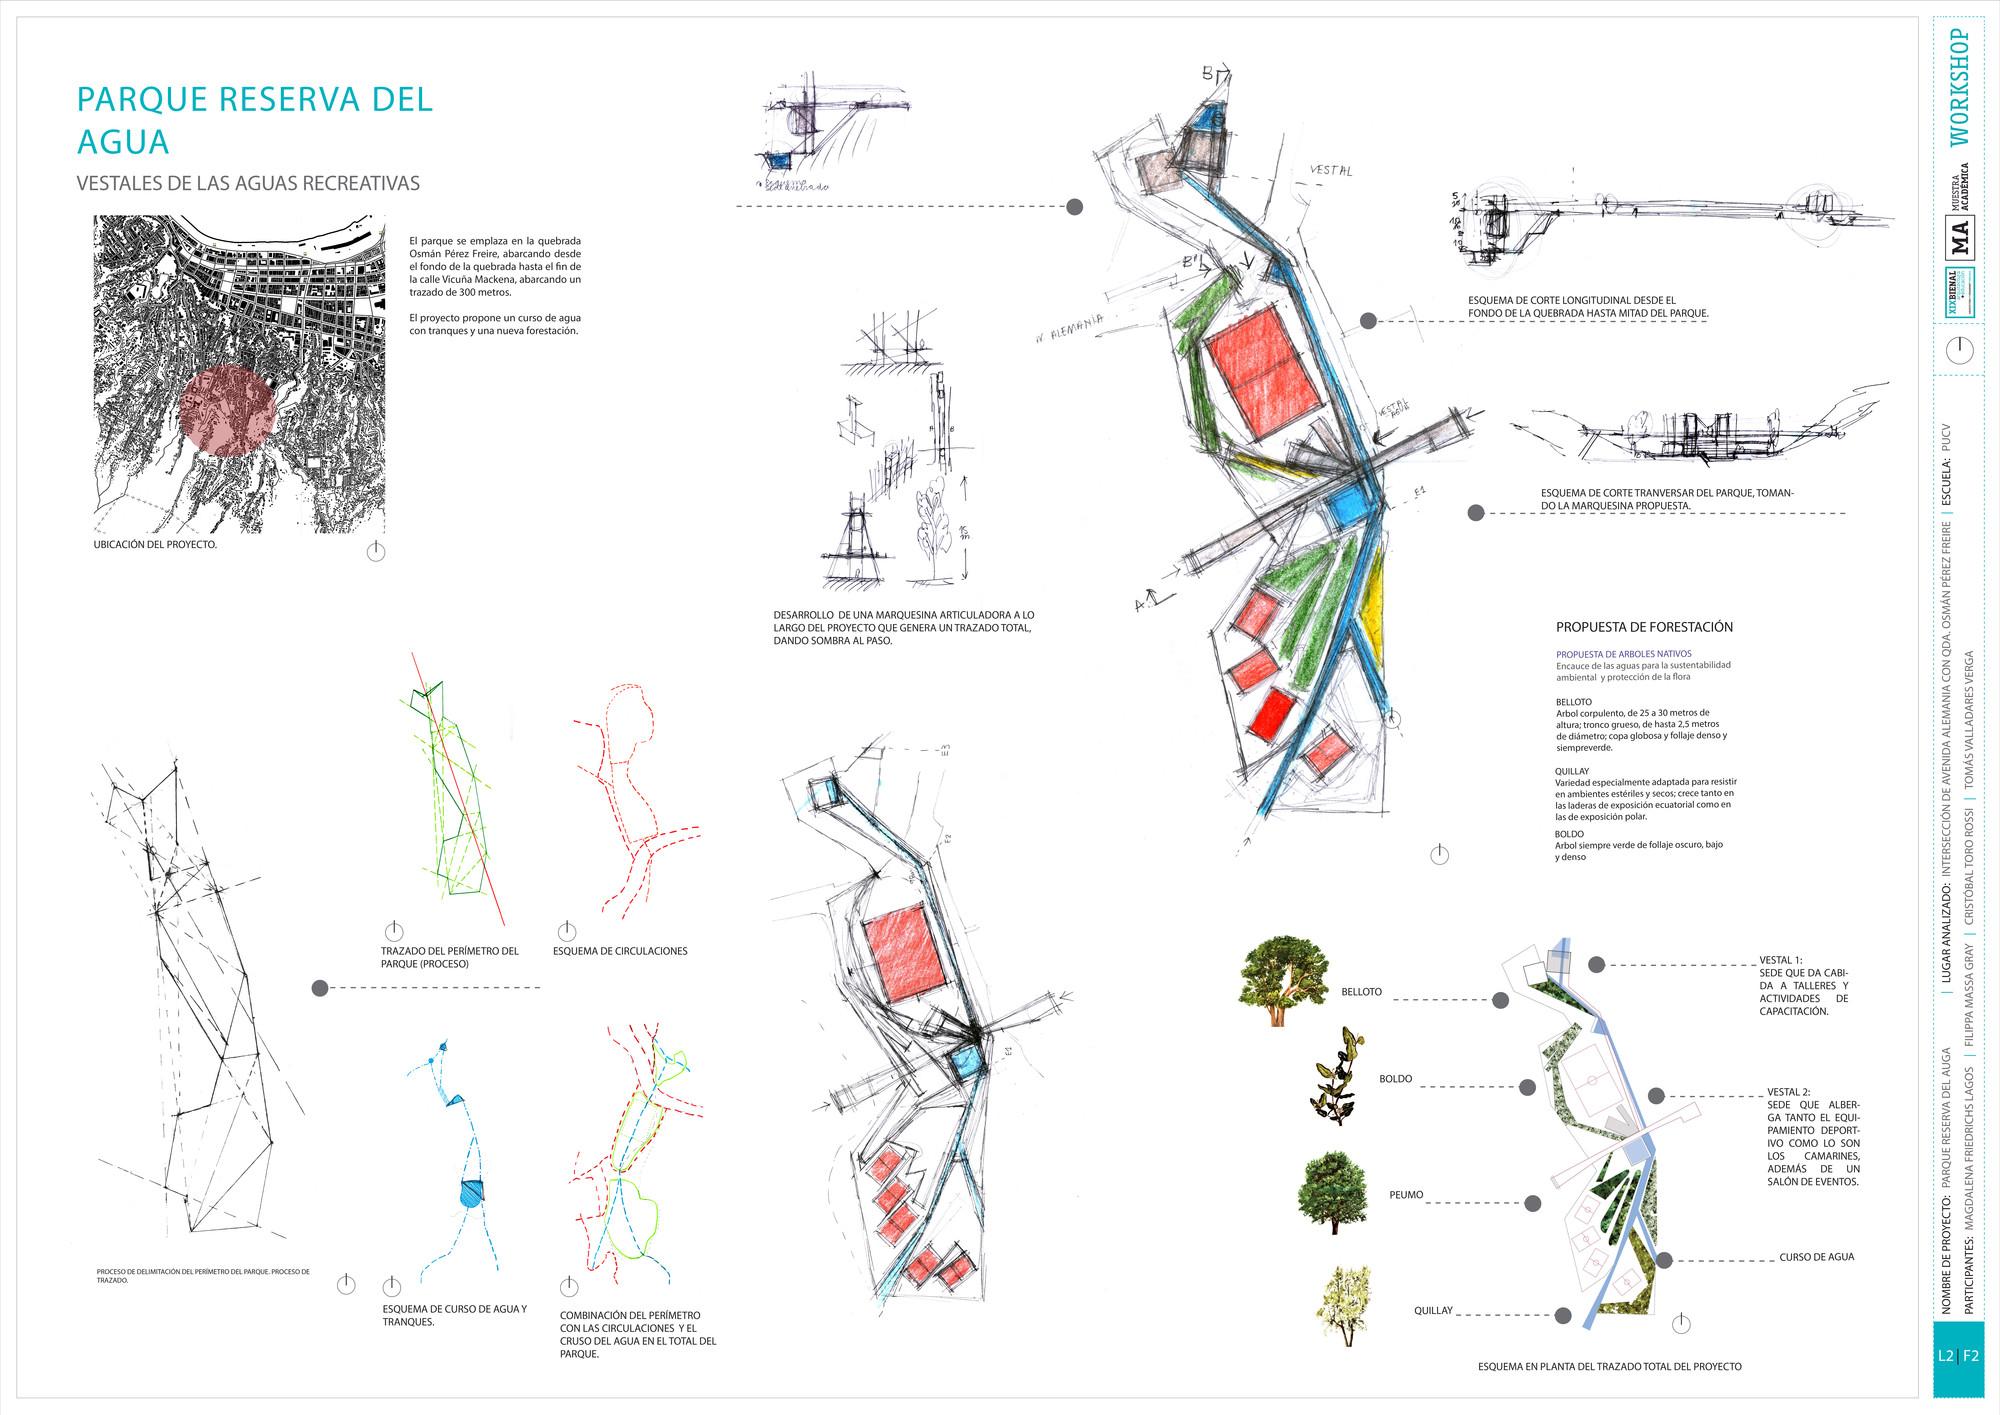 Premio Metodología PUCV: Lámina #02. Image Cortesia de Equipo XIX Bienal